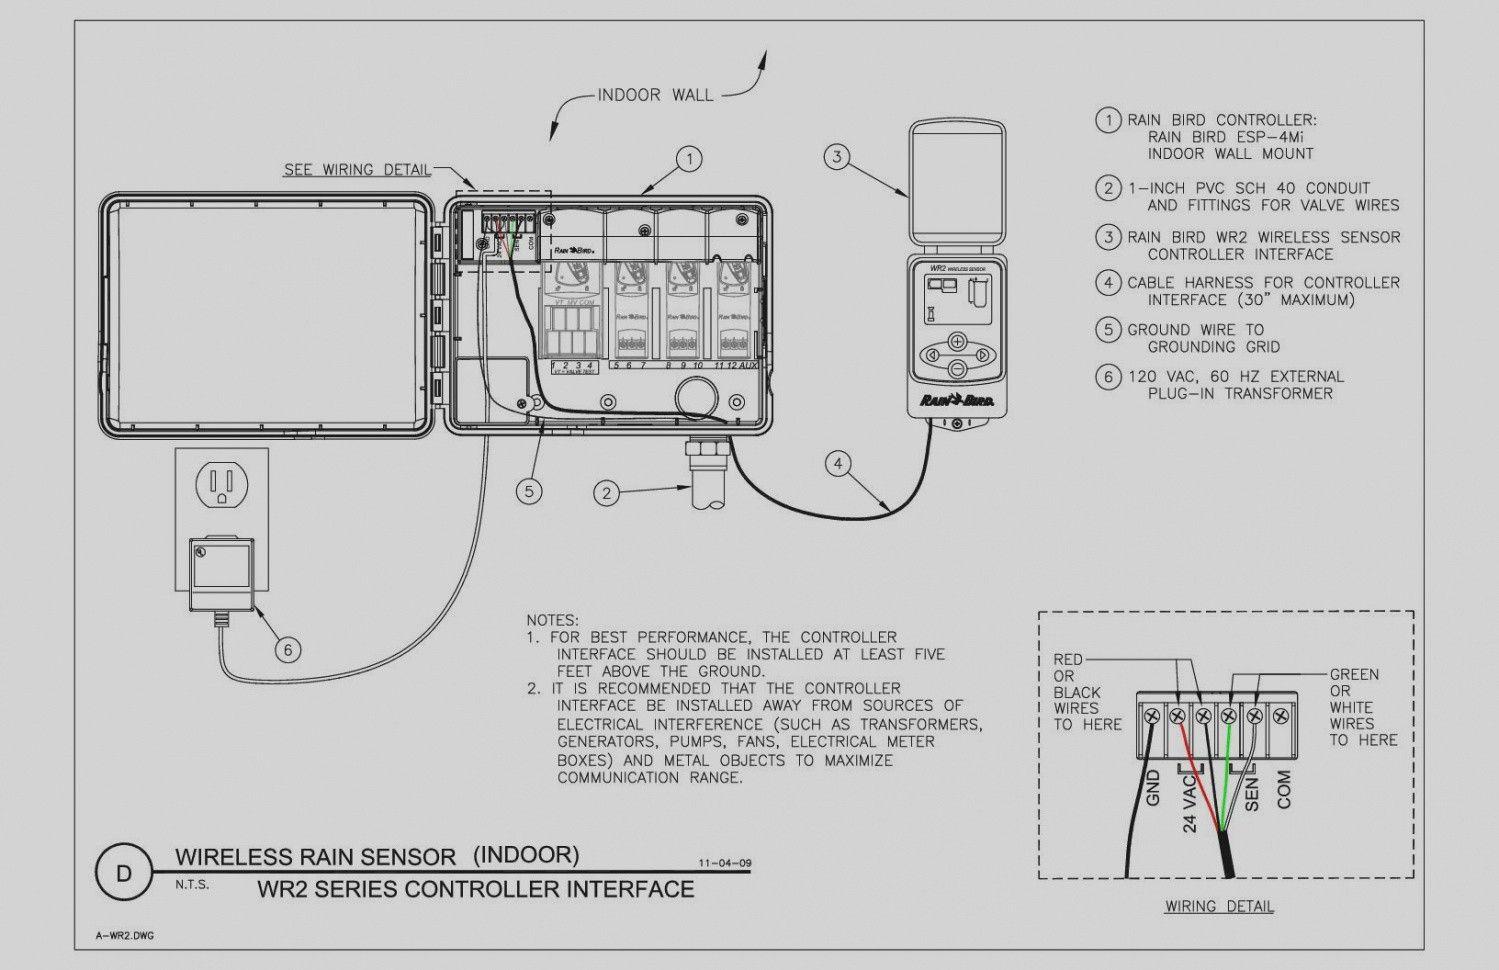 New Sprinkler System Wiring Diagram In 2020 Irrigation Controller Sprinkler System Sprinkler